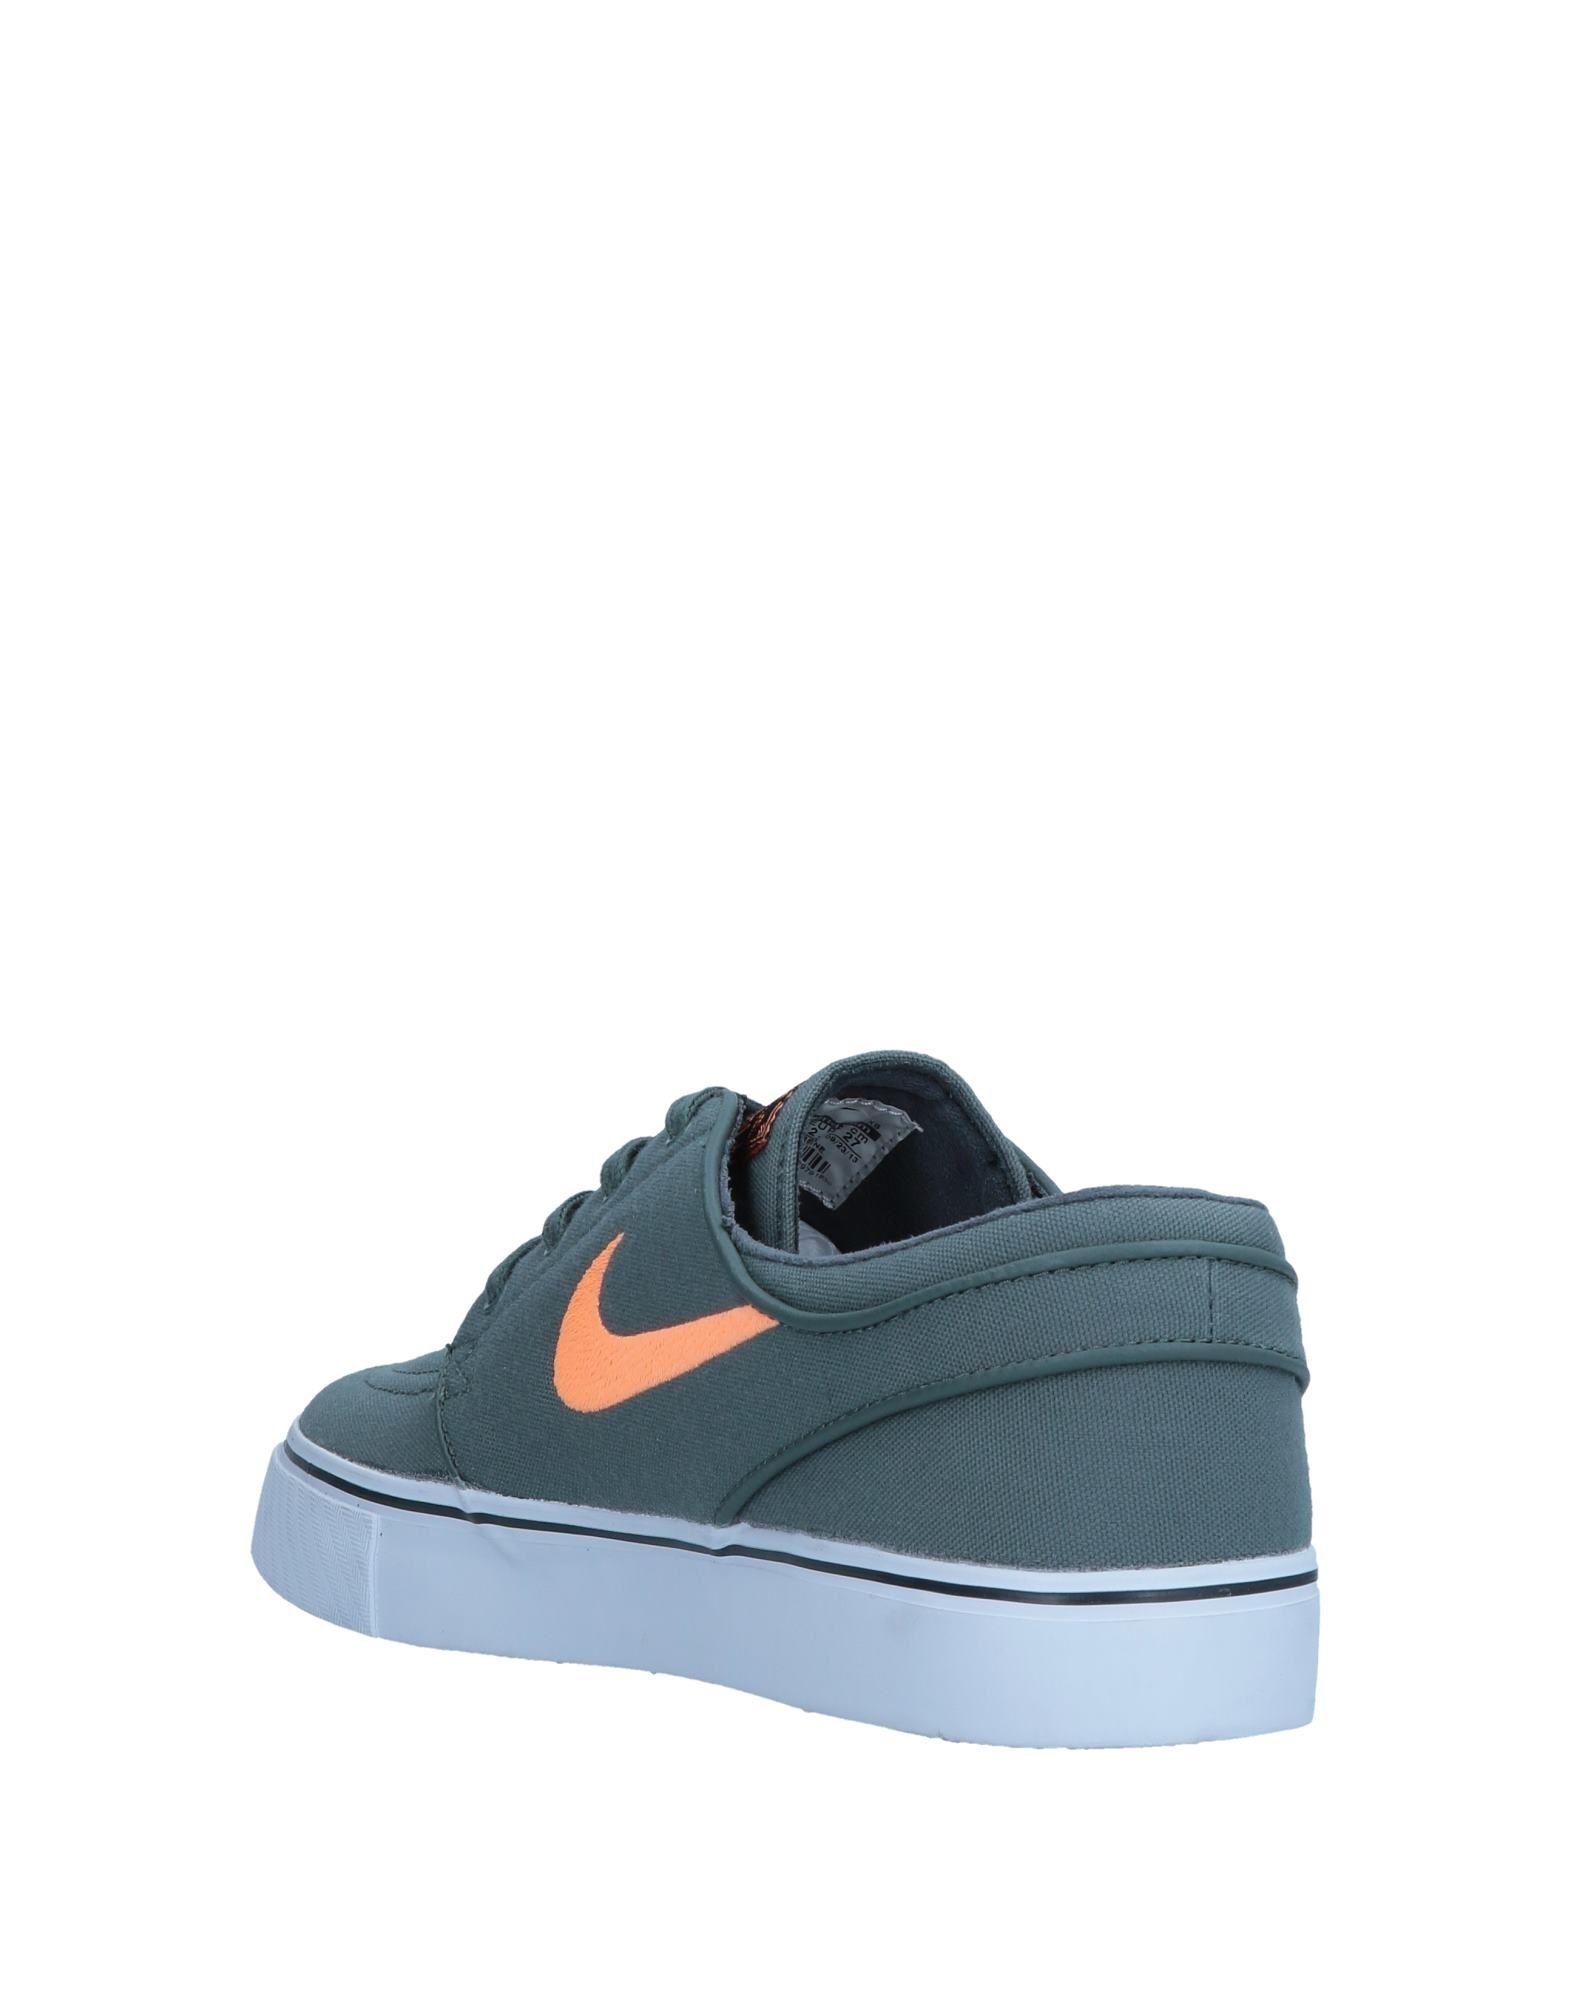 Rabatt echte Schuhe Nike Sneakers Herren Herren Herren  11545876PT a1cc68